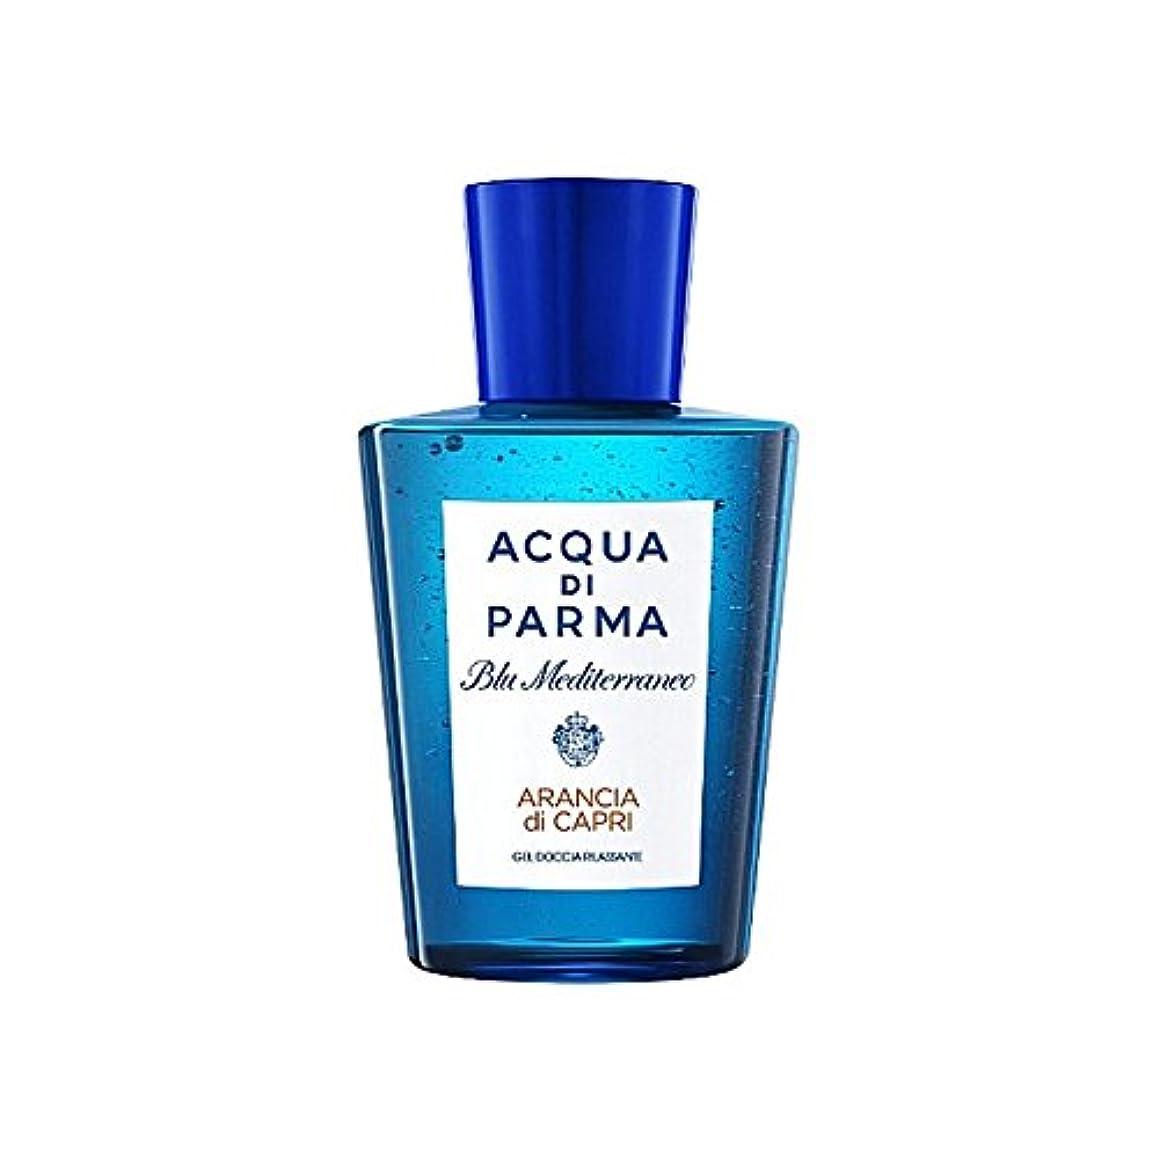 早く傷つけるファイアルAcqua Di Parma Blu Mediterraneo Arancia Di Capri Shower Gel 200ml - アクアディパルマブルーメディのアランシアジカプリシャワージェル200 [並行輸入品]